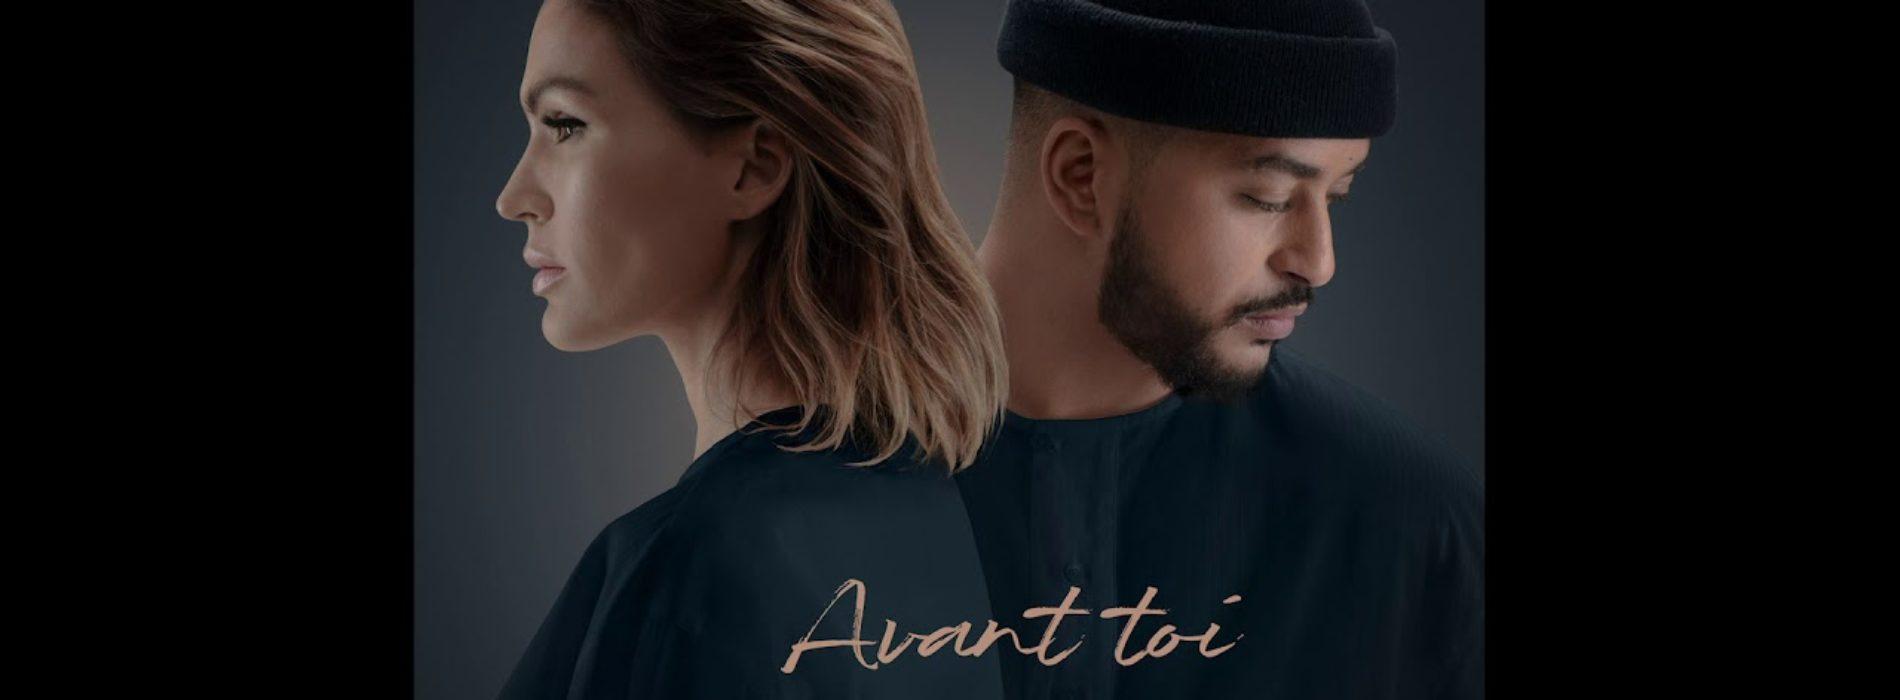 VITAA & SLIMANE – Avant toi (Clip Officiel) – Décembre 2019